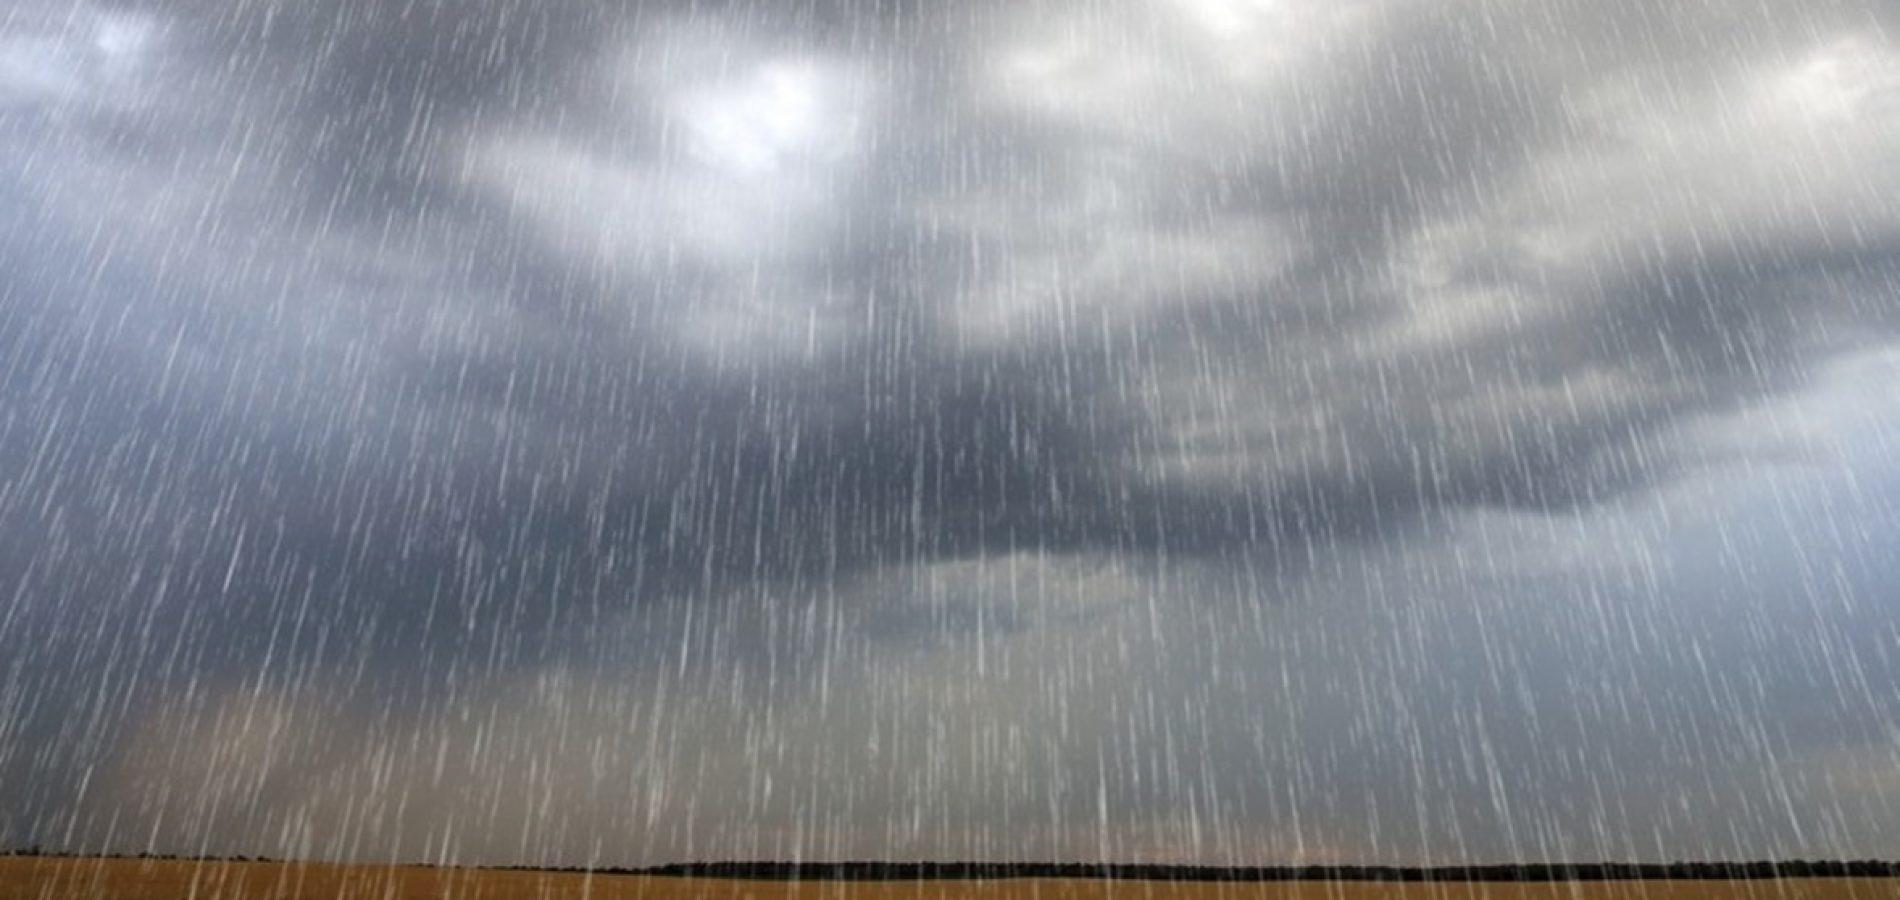 Meteorologia emite alerta de temporais para diversas regiões do estado do Piauí